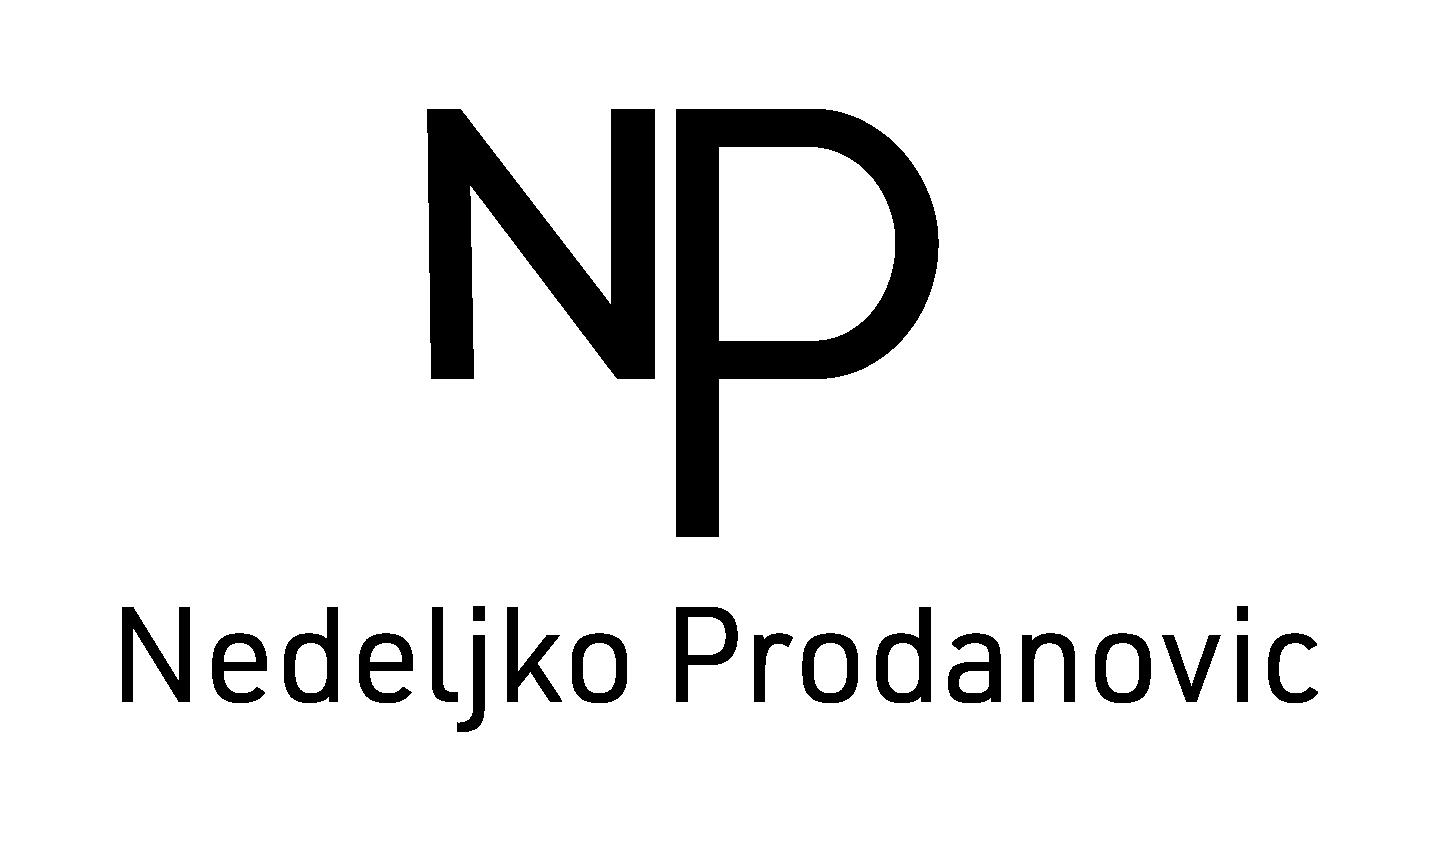 Nedeljko Prodanovic Logo